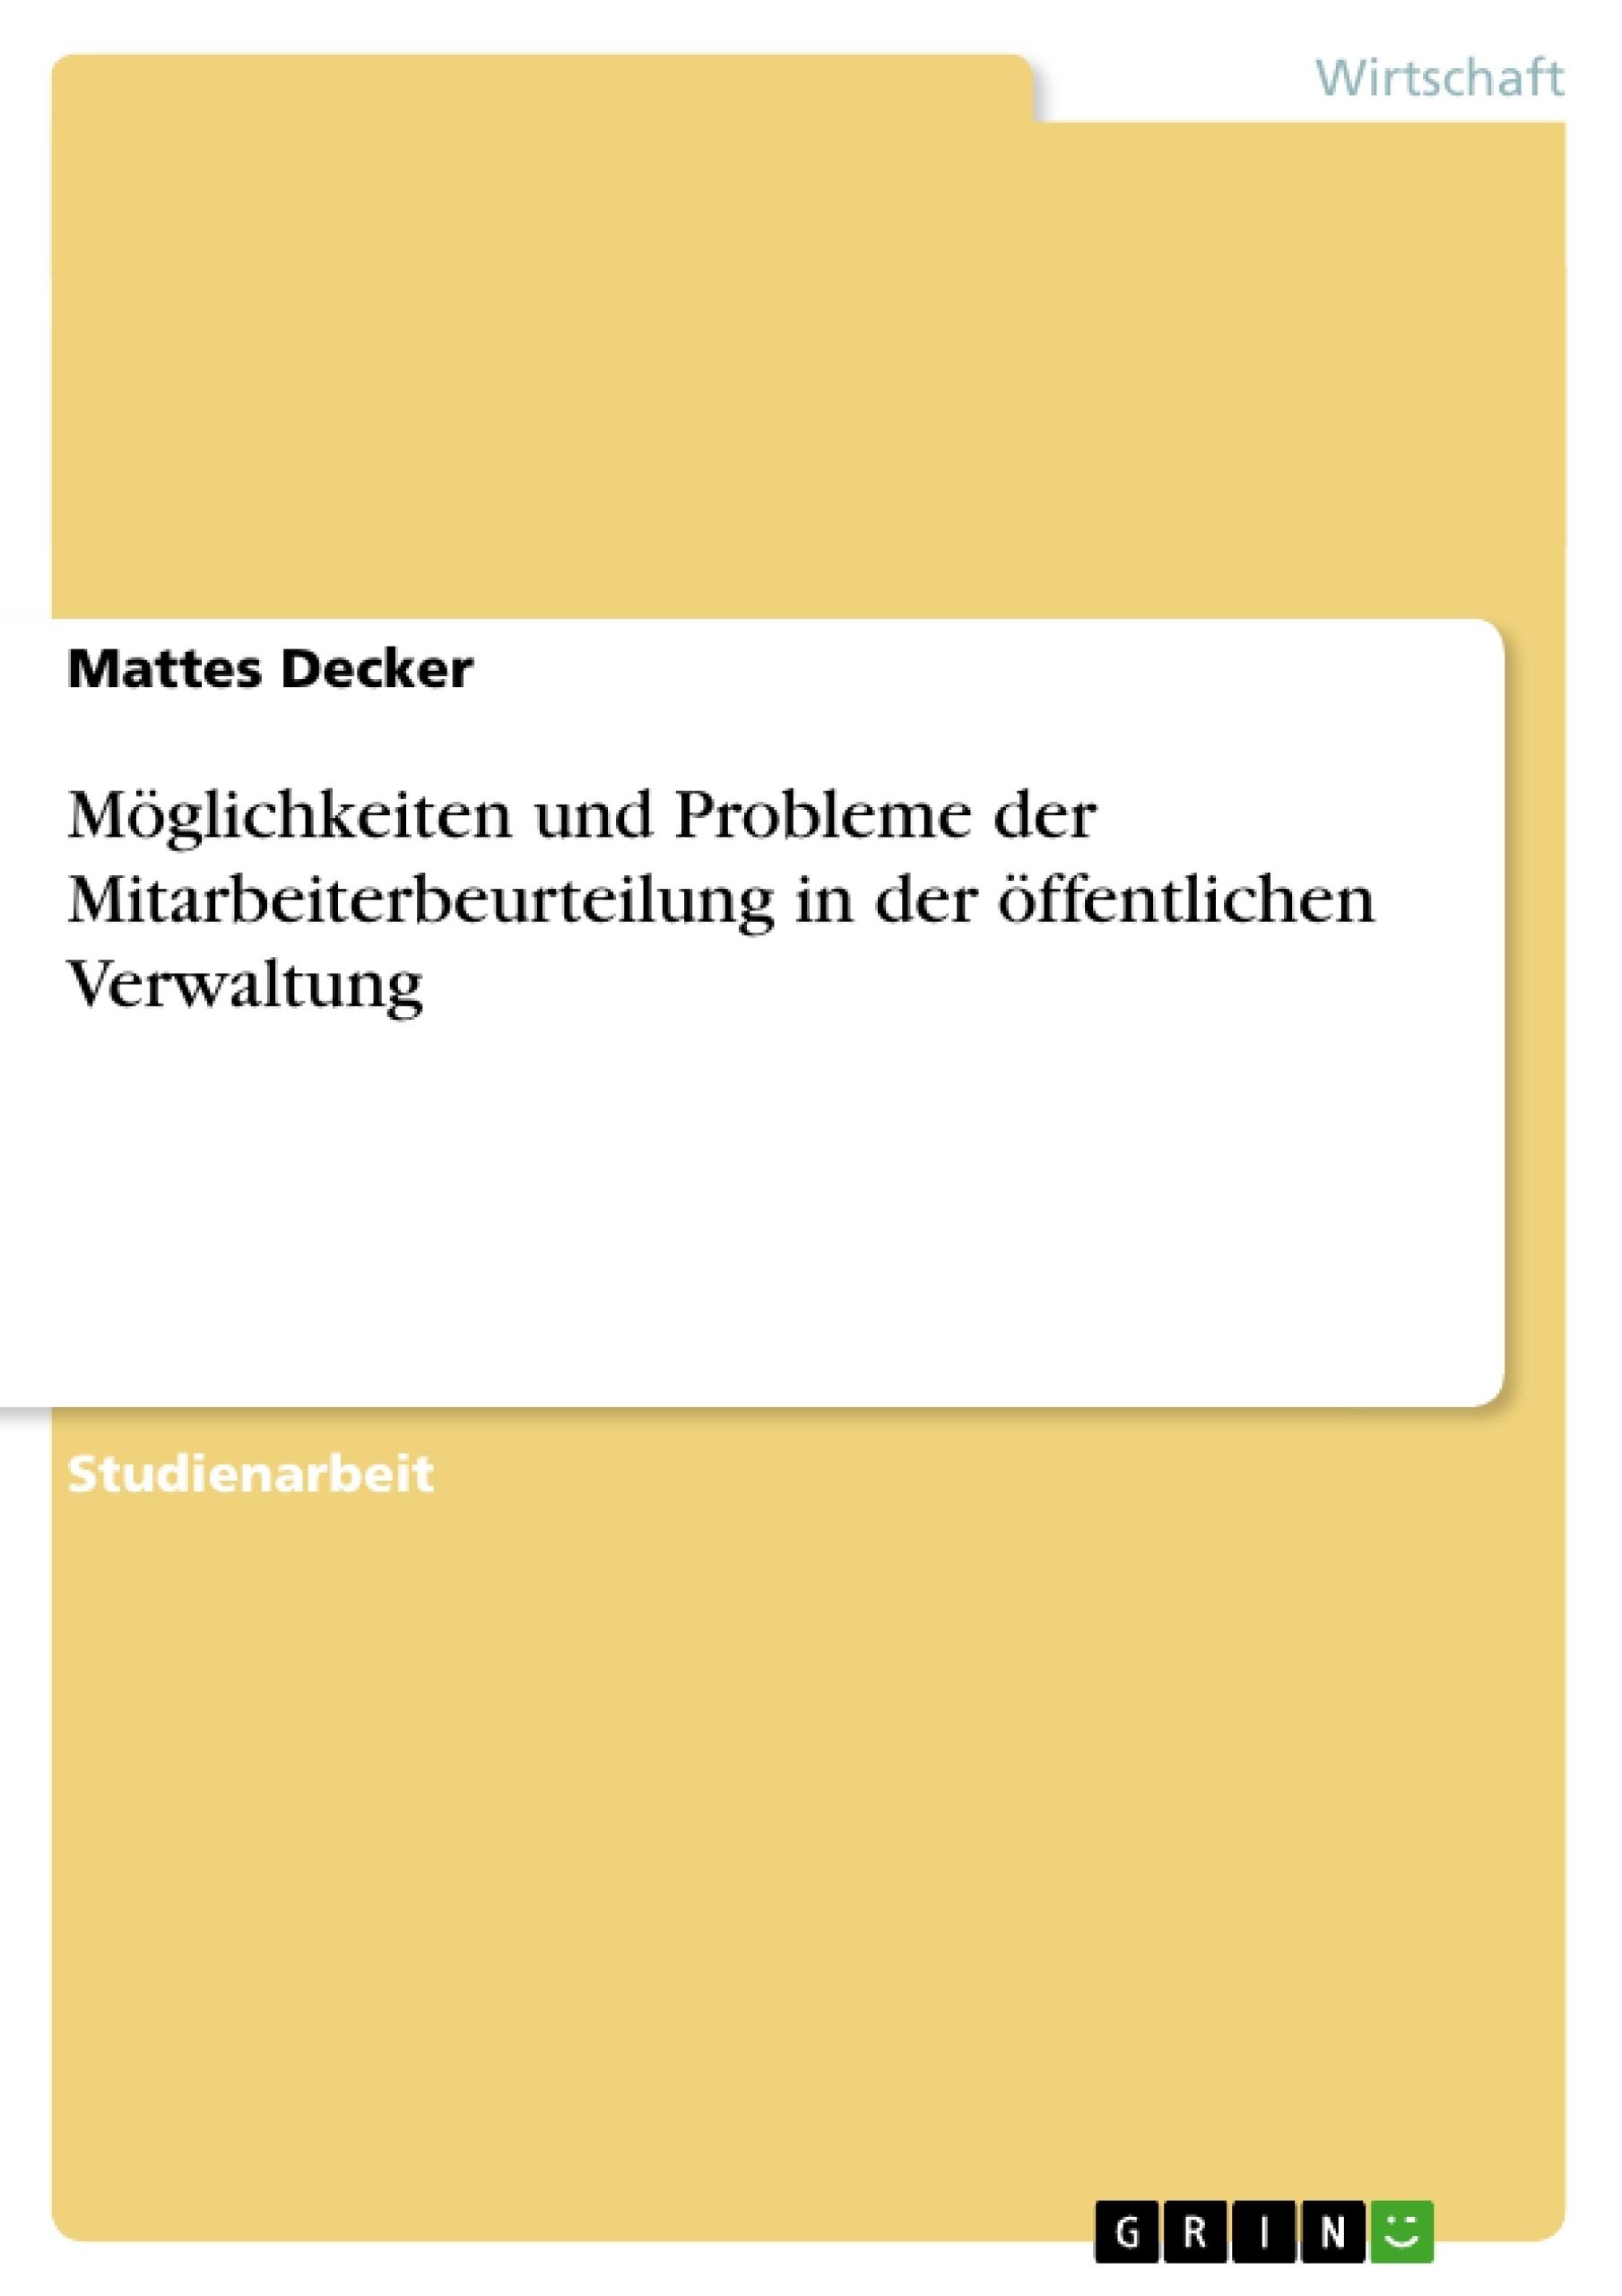 Titel: Möglichkeiten und Probleme der Mitarbeiterbeurteilung in der öffentlichen Verwaltung